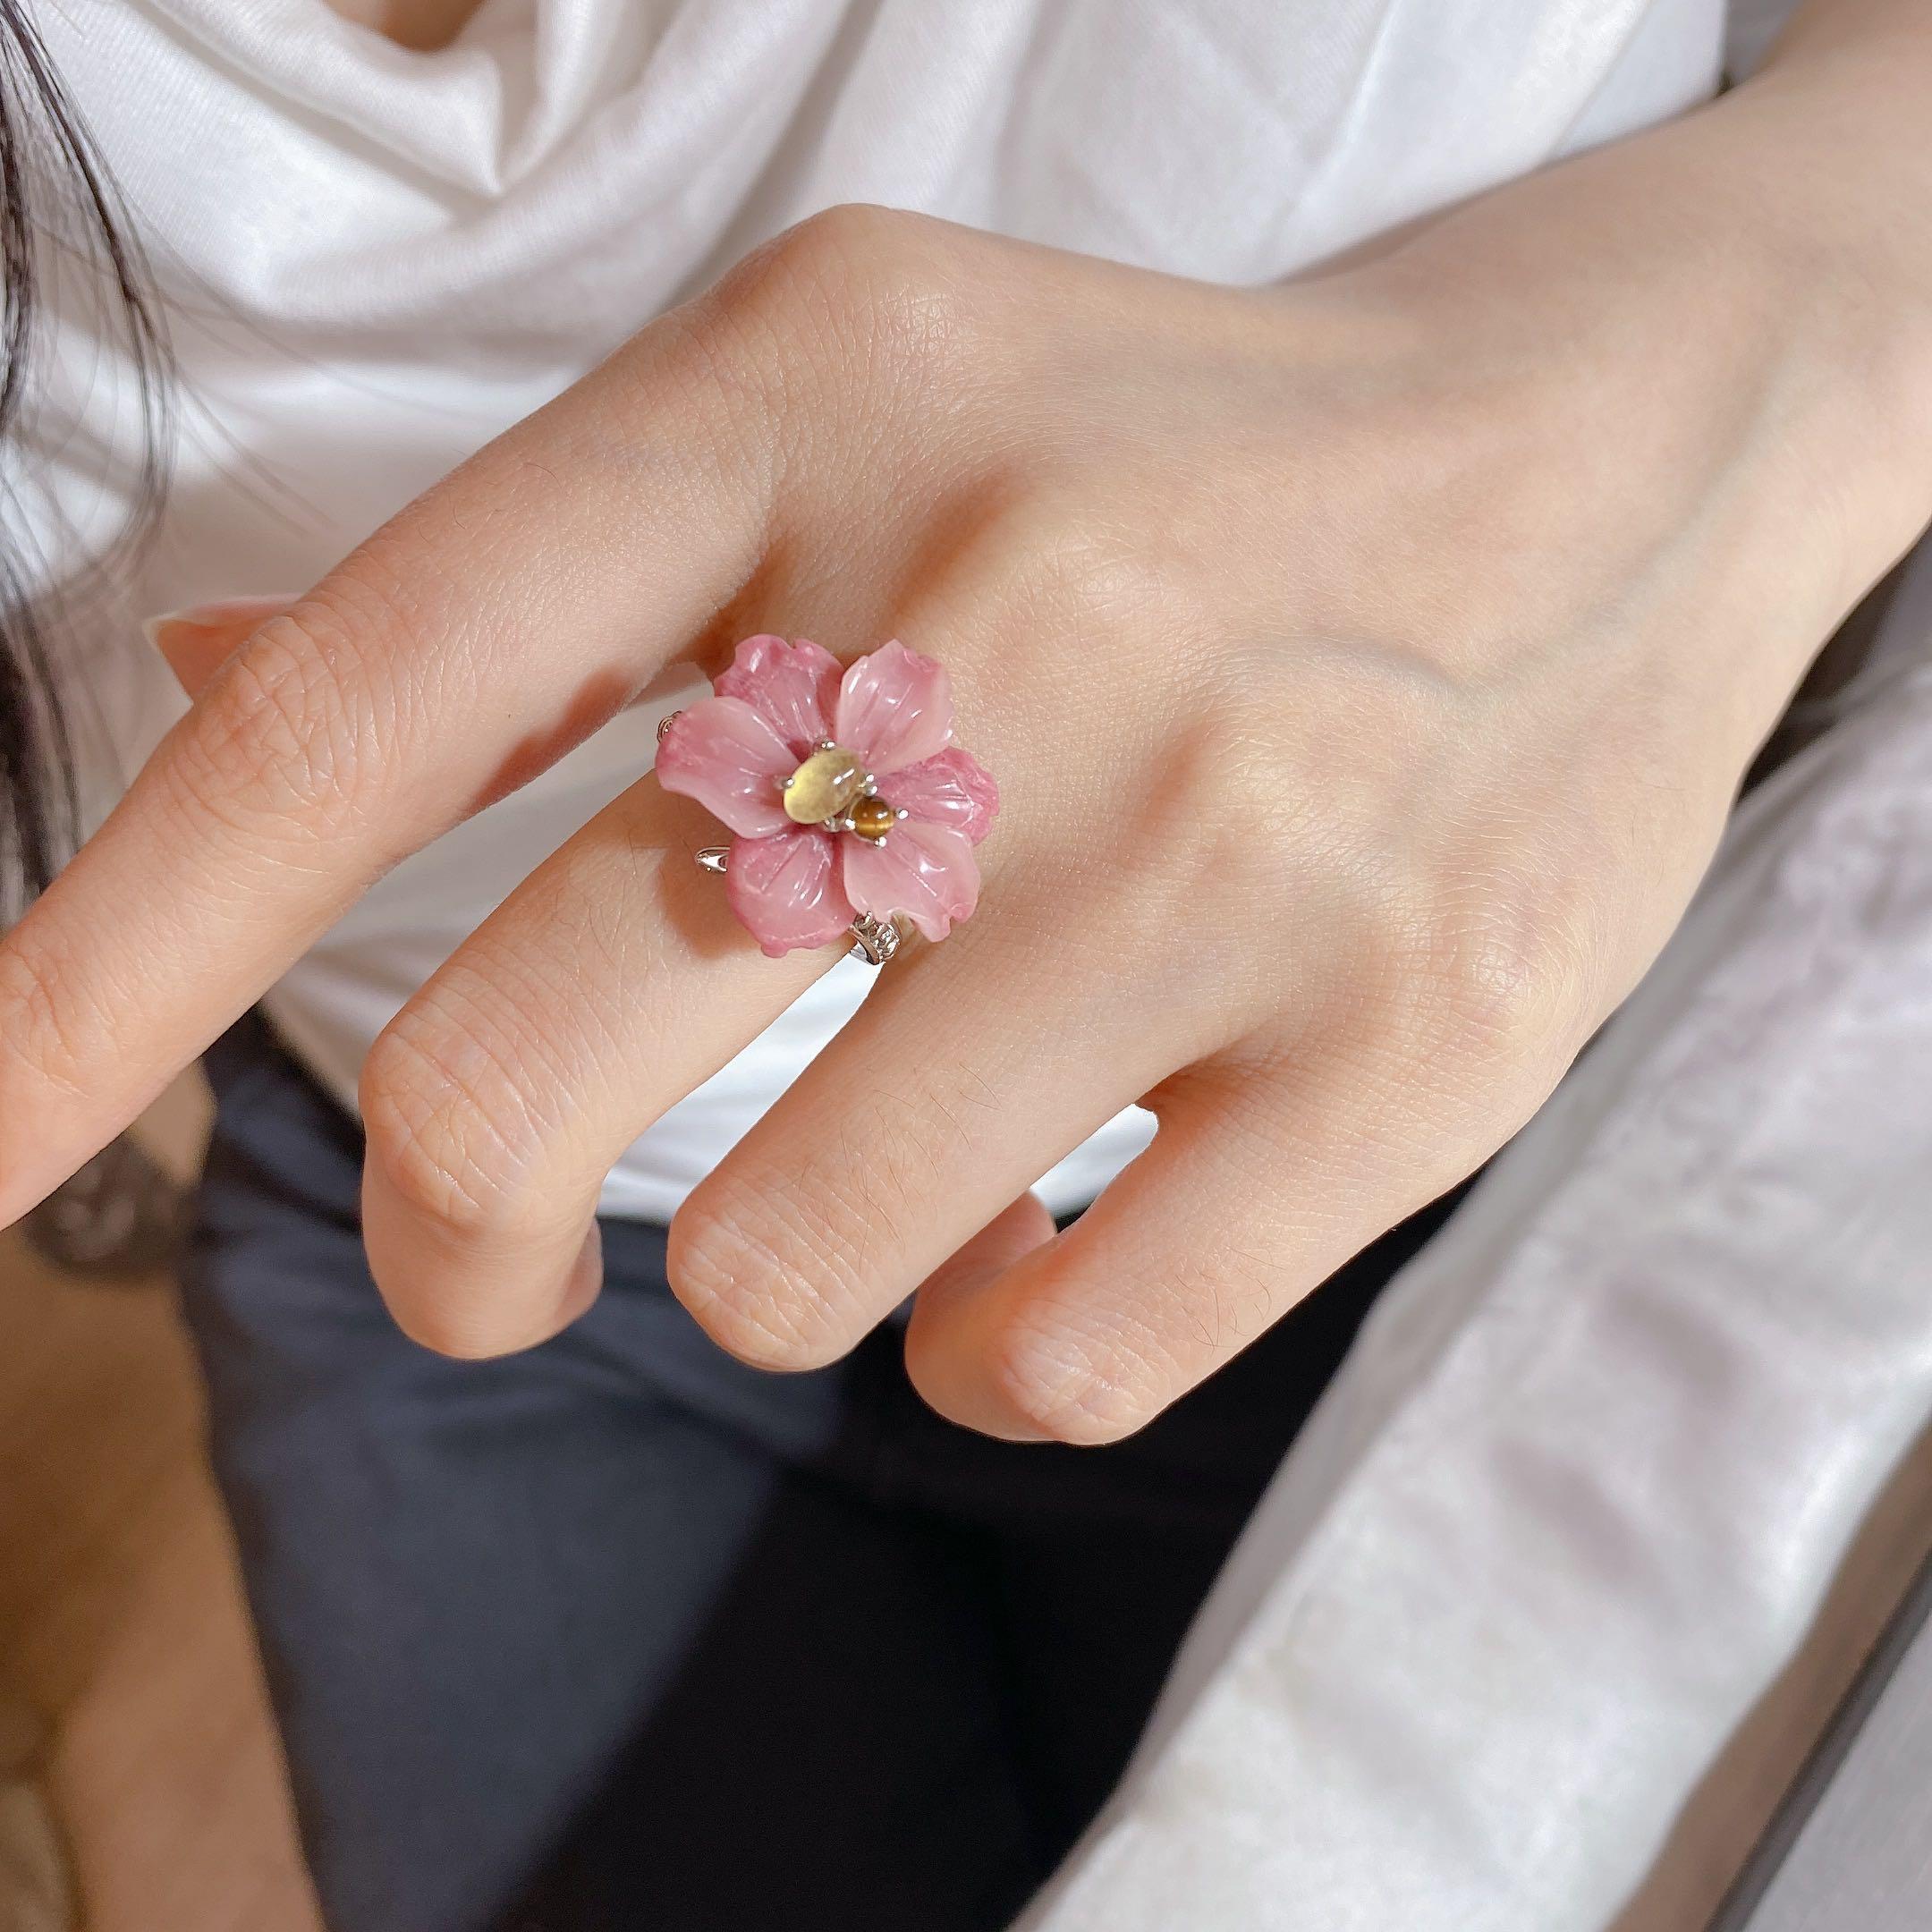 Кольцо MIQIAO из натурального камня женское, регулируемое ювелирное изделие из стерлингового серебра 925 пробы с большим цветком и флюоритом тигра, аксессуары для женщин|Кольца| | АлиЭкспресс